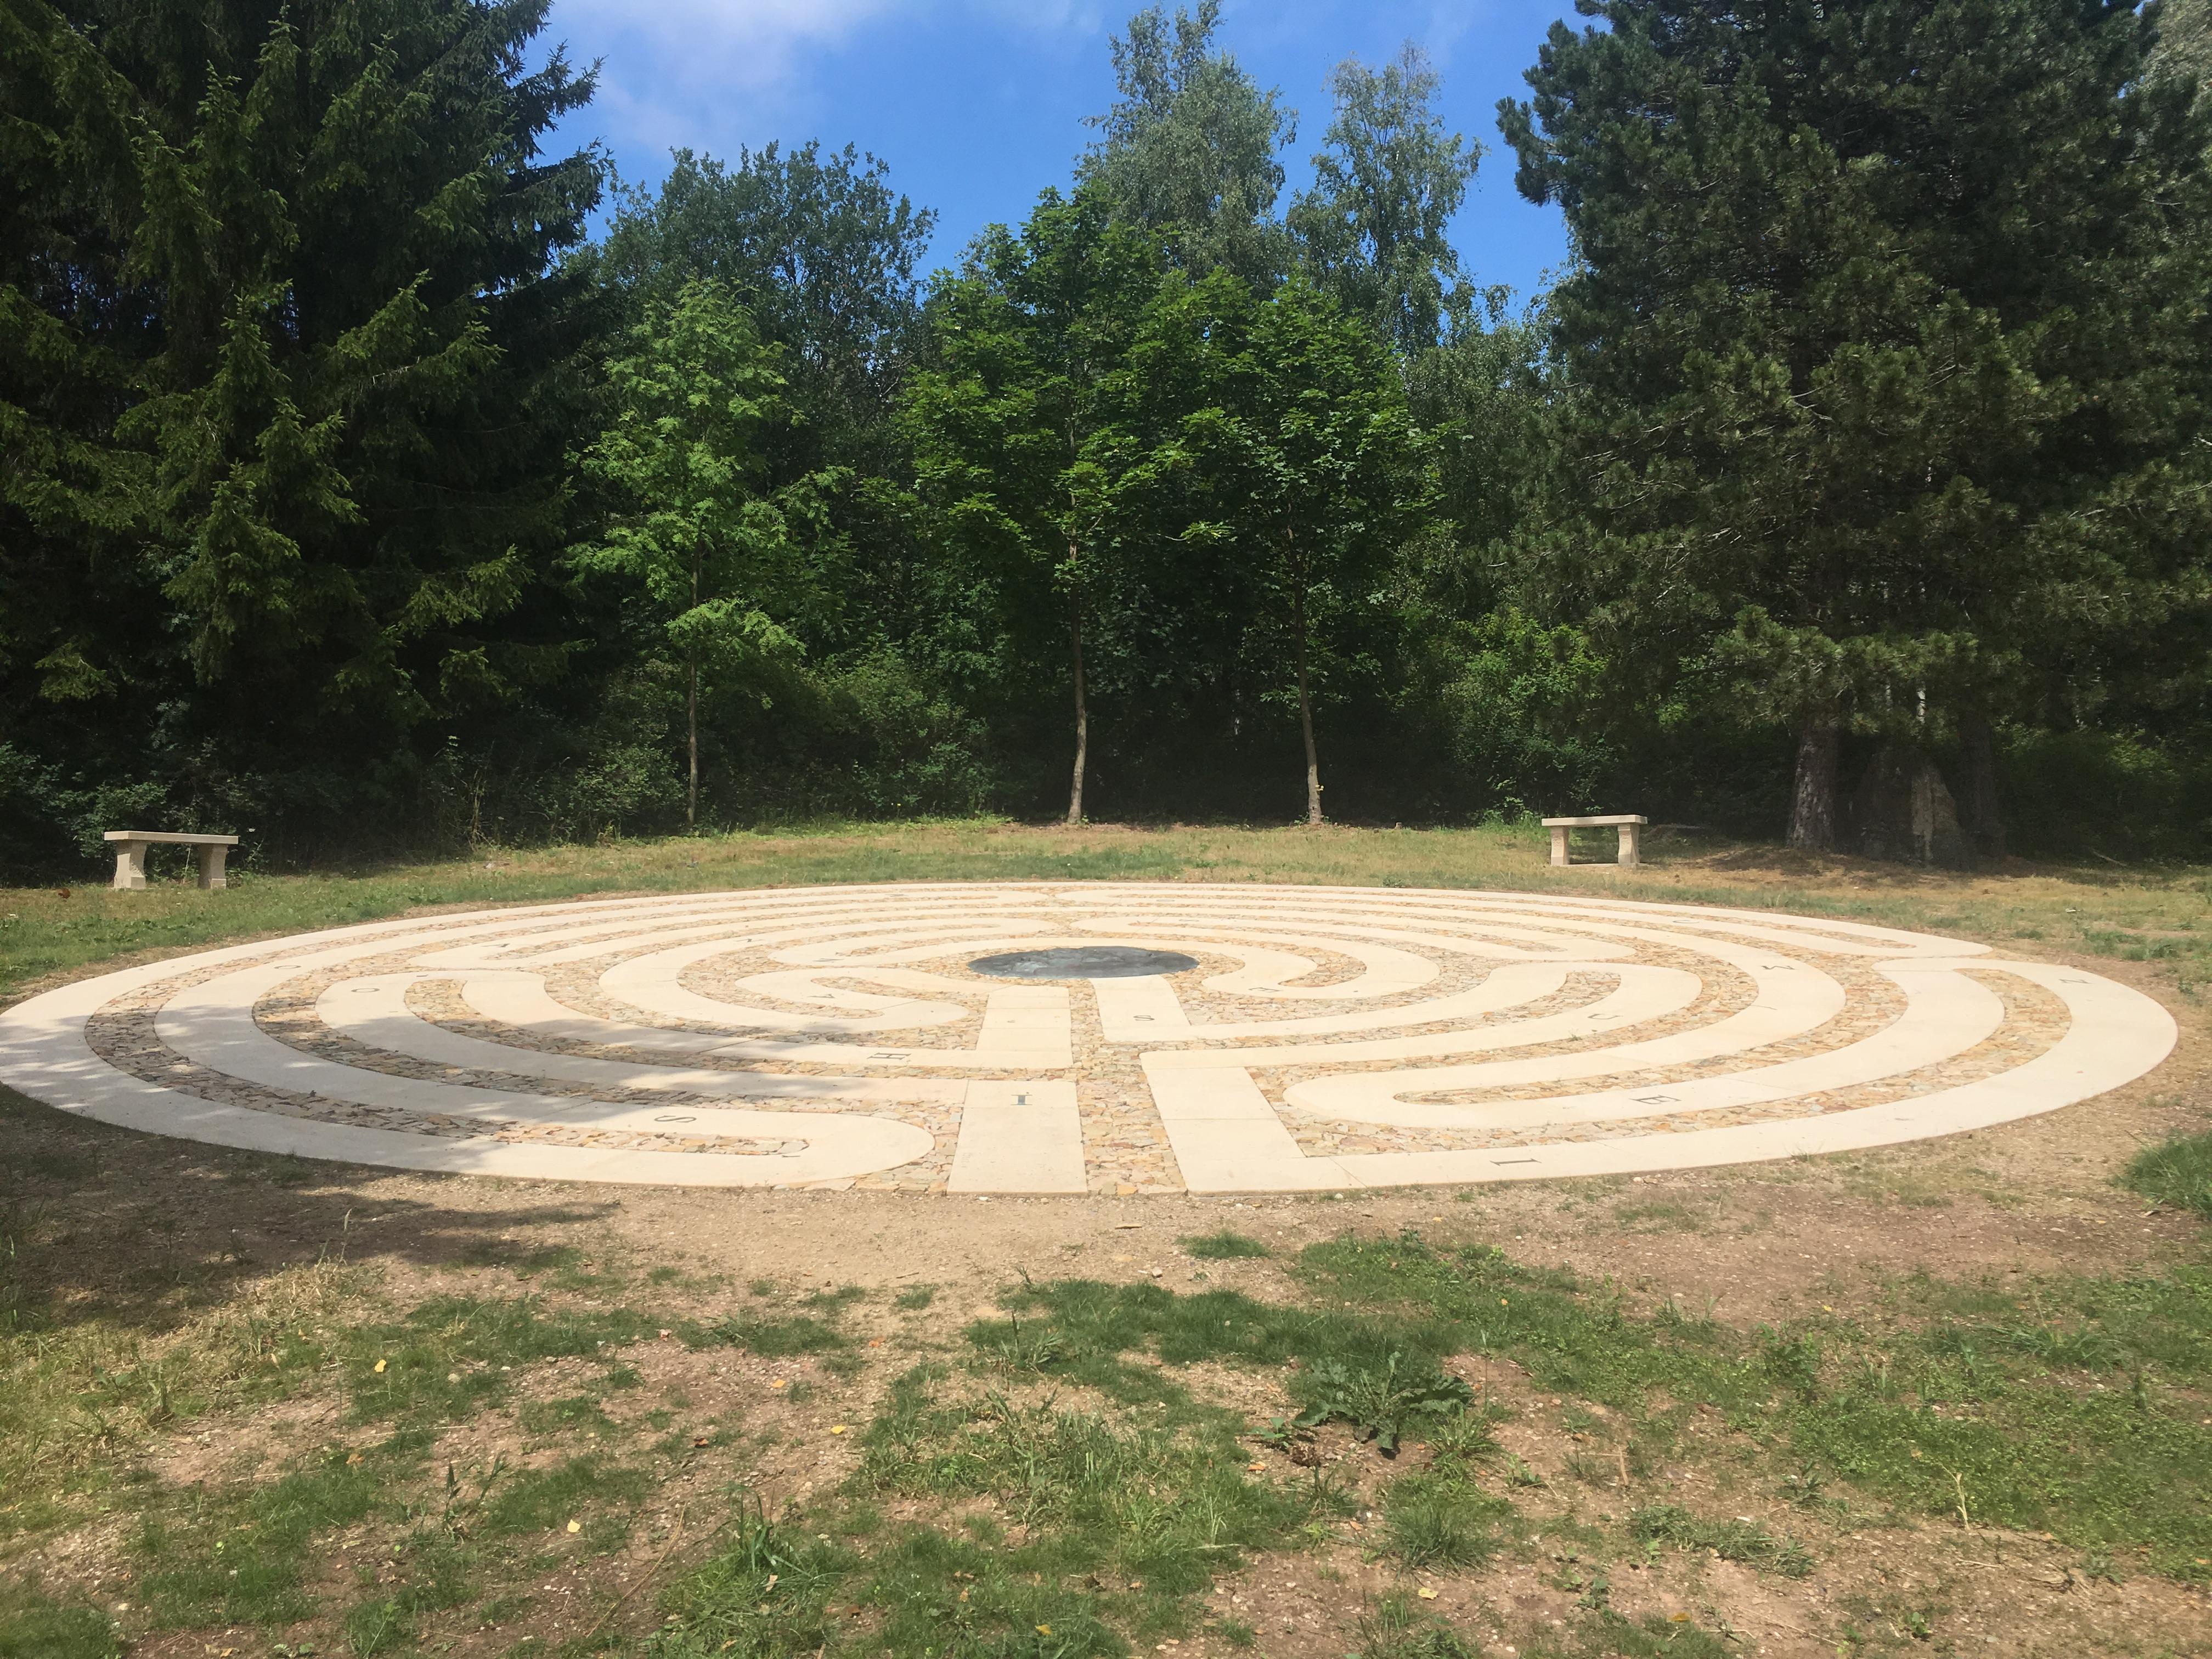 Za posledním hřebenem Krkonoš u Žacléře na polské hranici leží vzemi kamenný labyrint a kolem něj cesta, kterou odcházel do exilu Jan Ámos Komenský